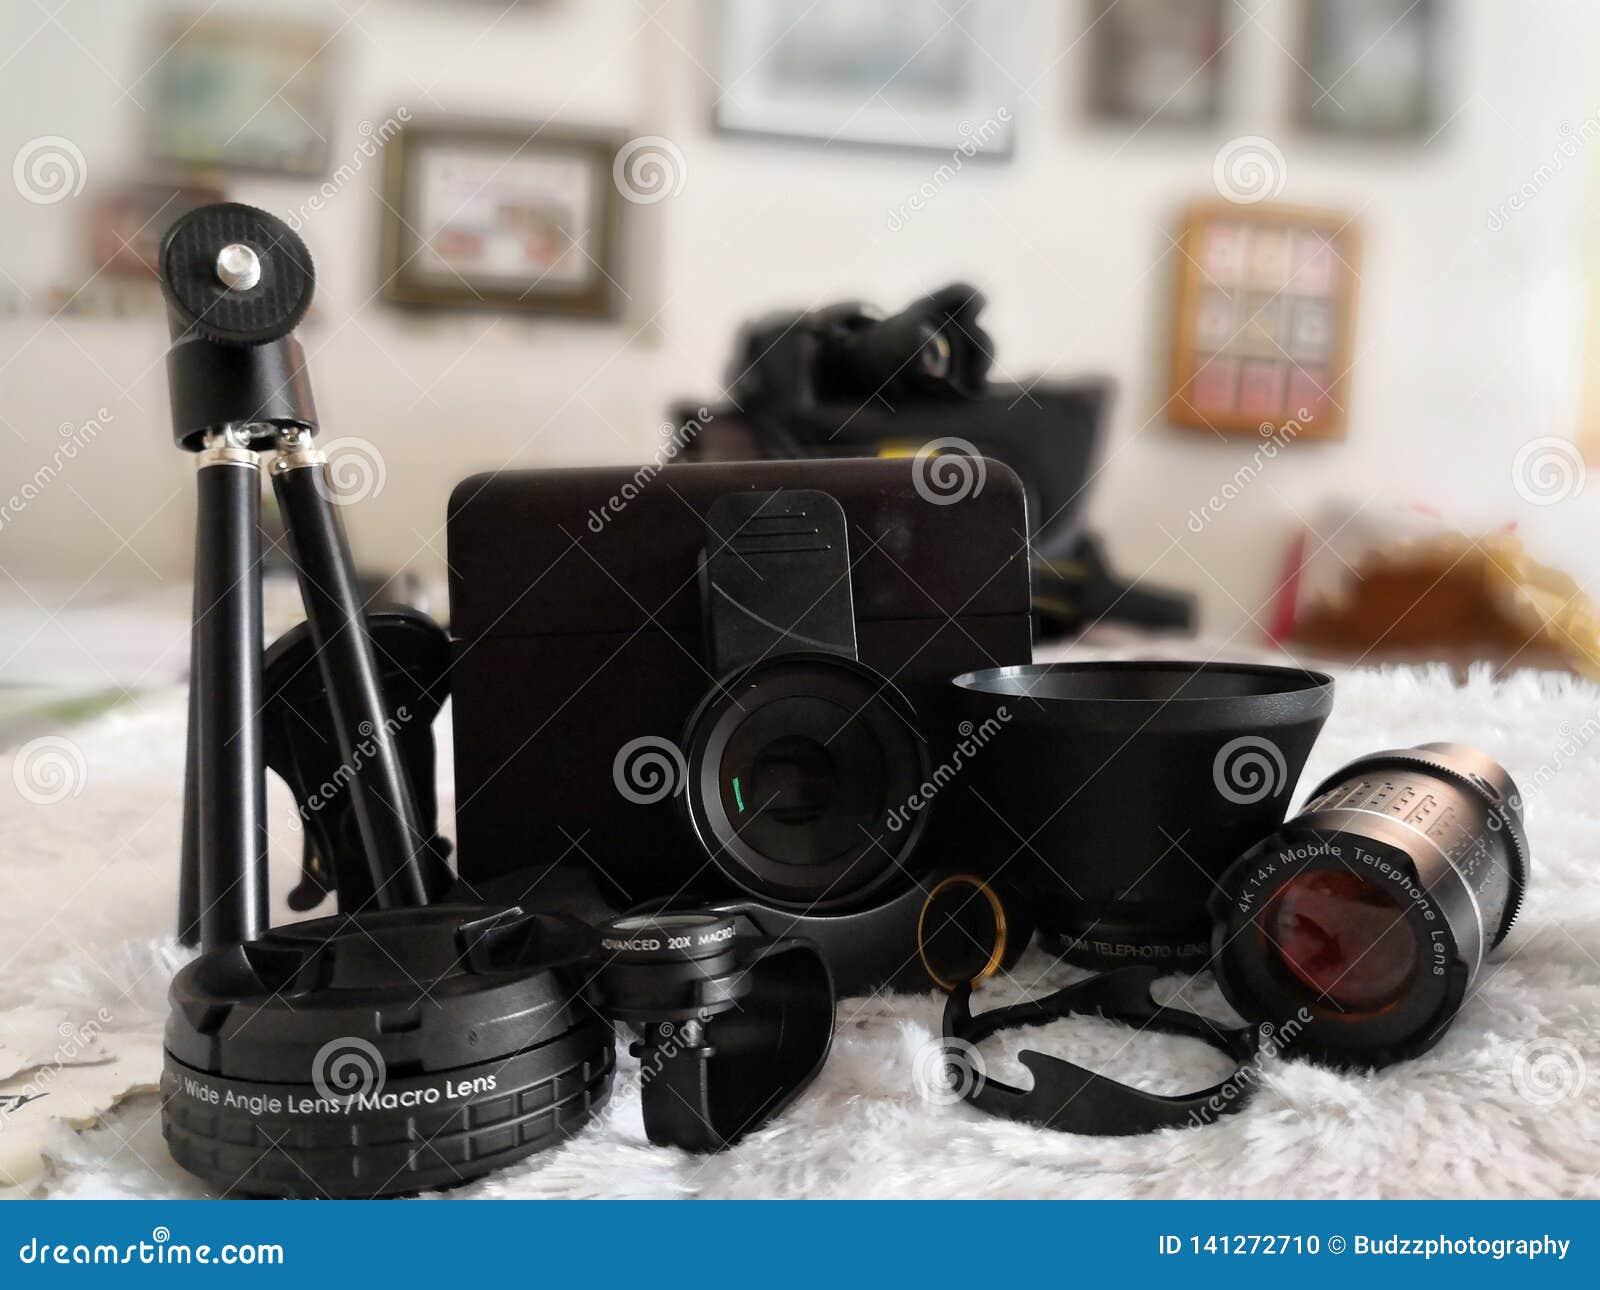 Gehechtheidslenzen voor mobiele telefooncamera